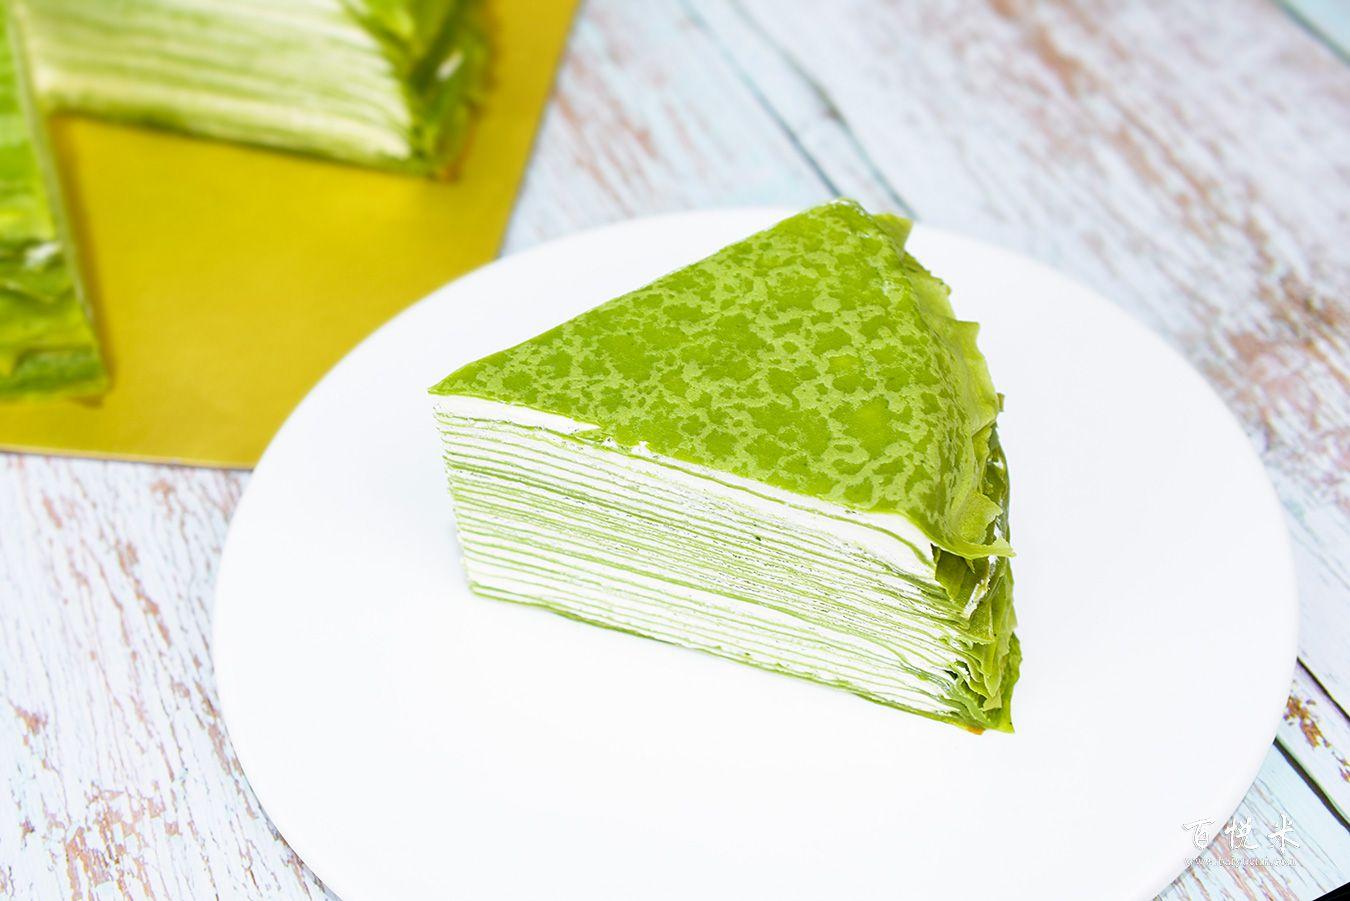 抹茶千层蛋糕的高清图片大全【蛋糕图片】_280